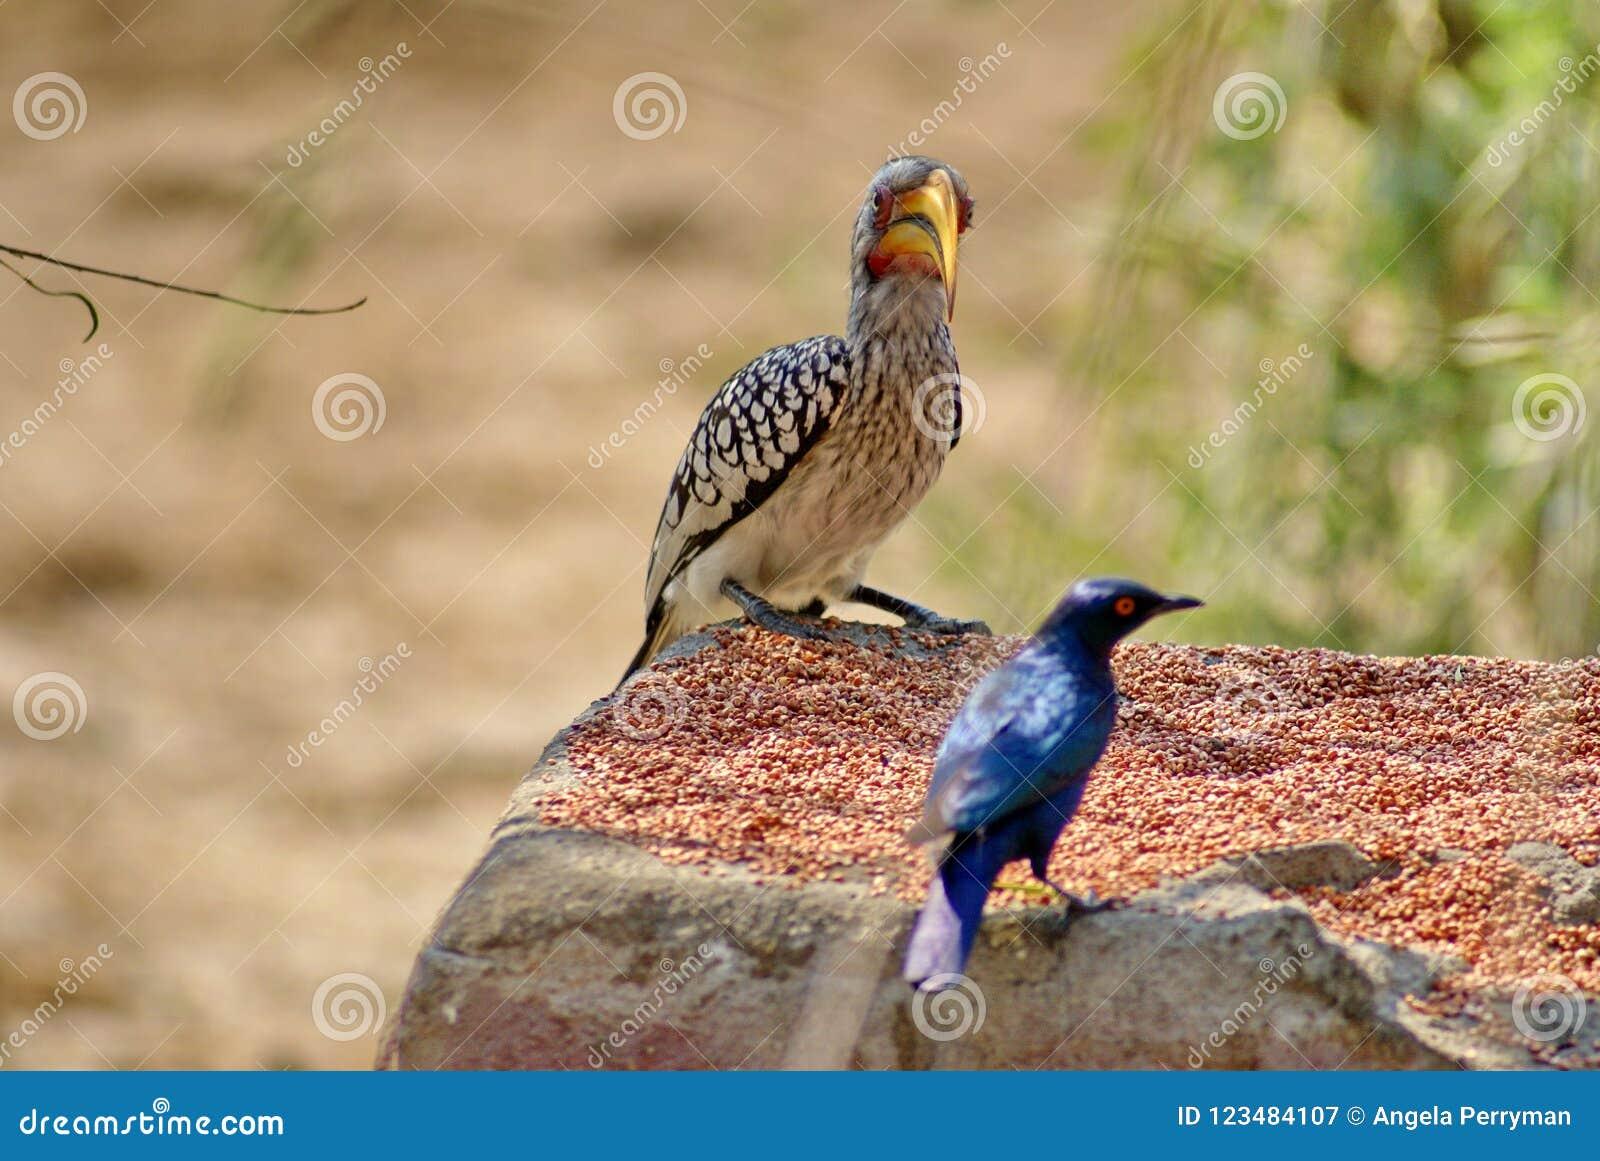 Brillante-estornino hornbill y del ` amarillo-cargados en cuenta meridionales s de Meves en un alimentador